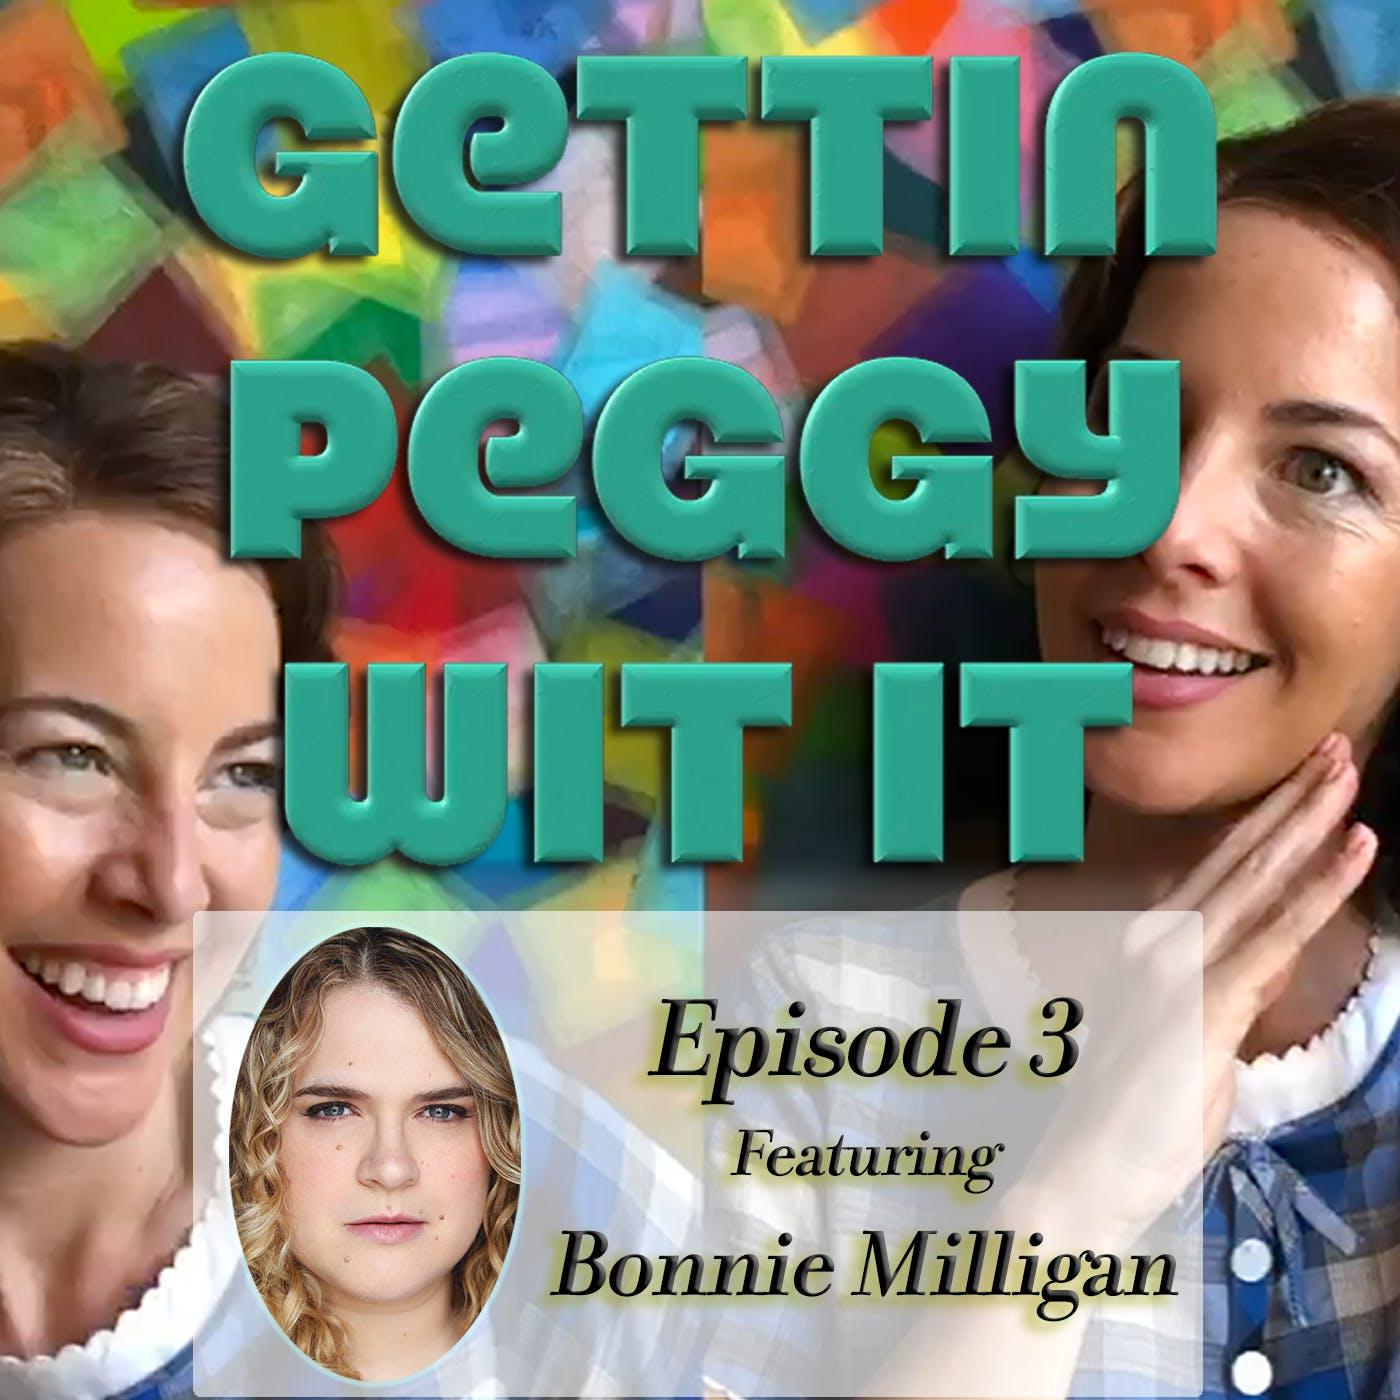 #3 - Bonnie Milligan: Bonnie for Congress